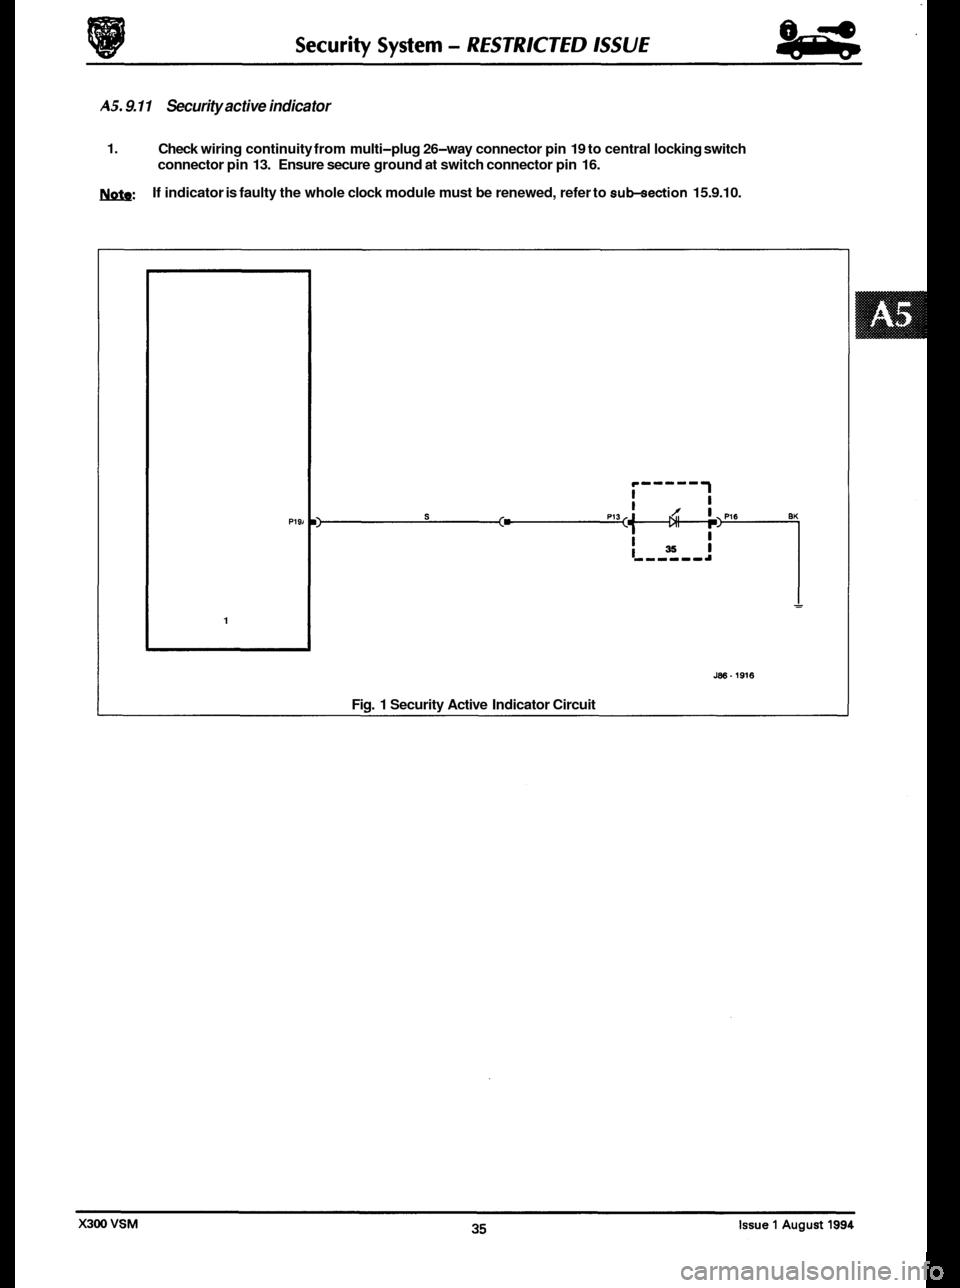 JAGUAR XJ6 1994 2.G on x320 wiring diagram, s100 wiring diagram, c100 wiring diagram, x540 wiring diagram, x475 wiring diagram, xjs wiring diagram, e350 wiring diagram, t500 wiring diagram, s300 wiring diagram, x324 wiring diagram, e300 wiring diagram, p200 wiring diagram, z400 wiring diagram, v100 wiring diagram,